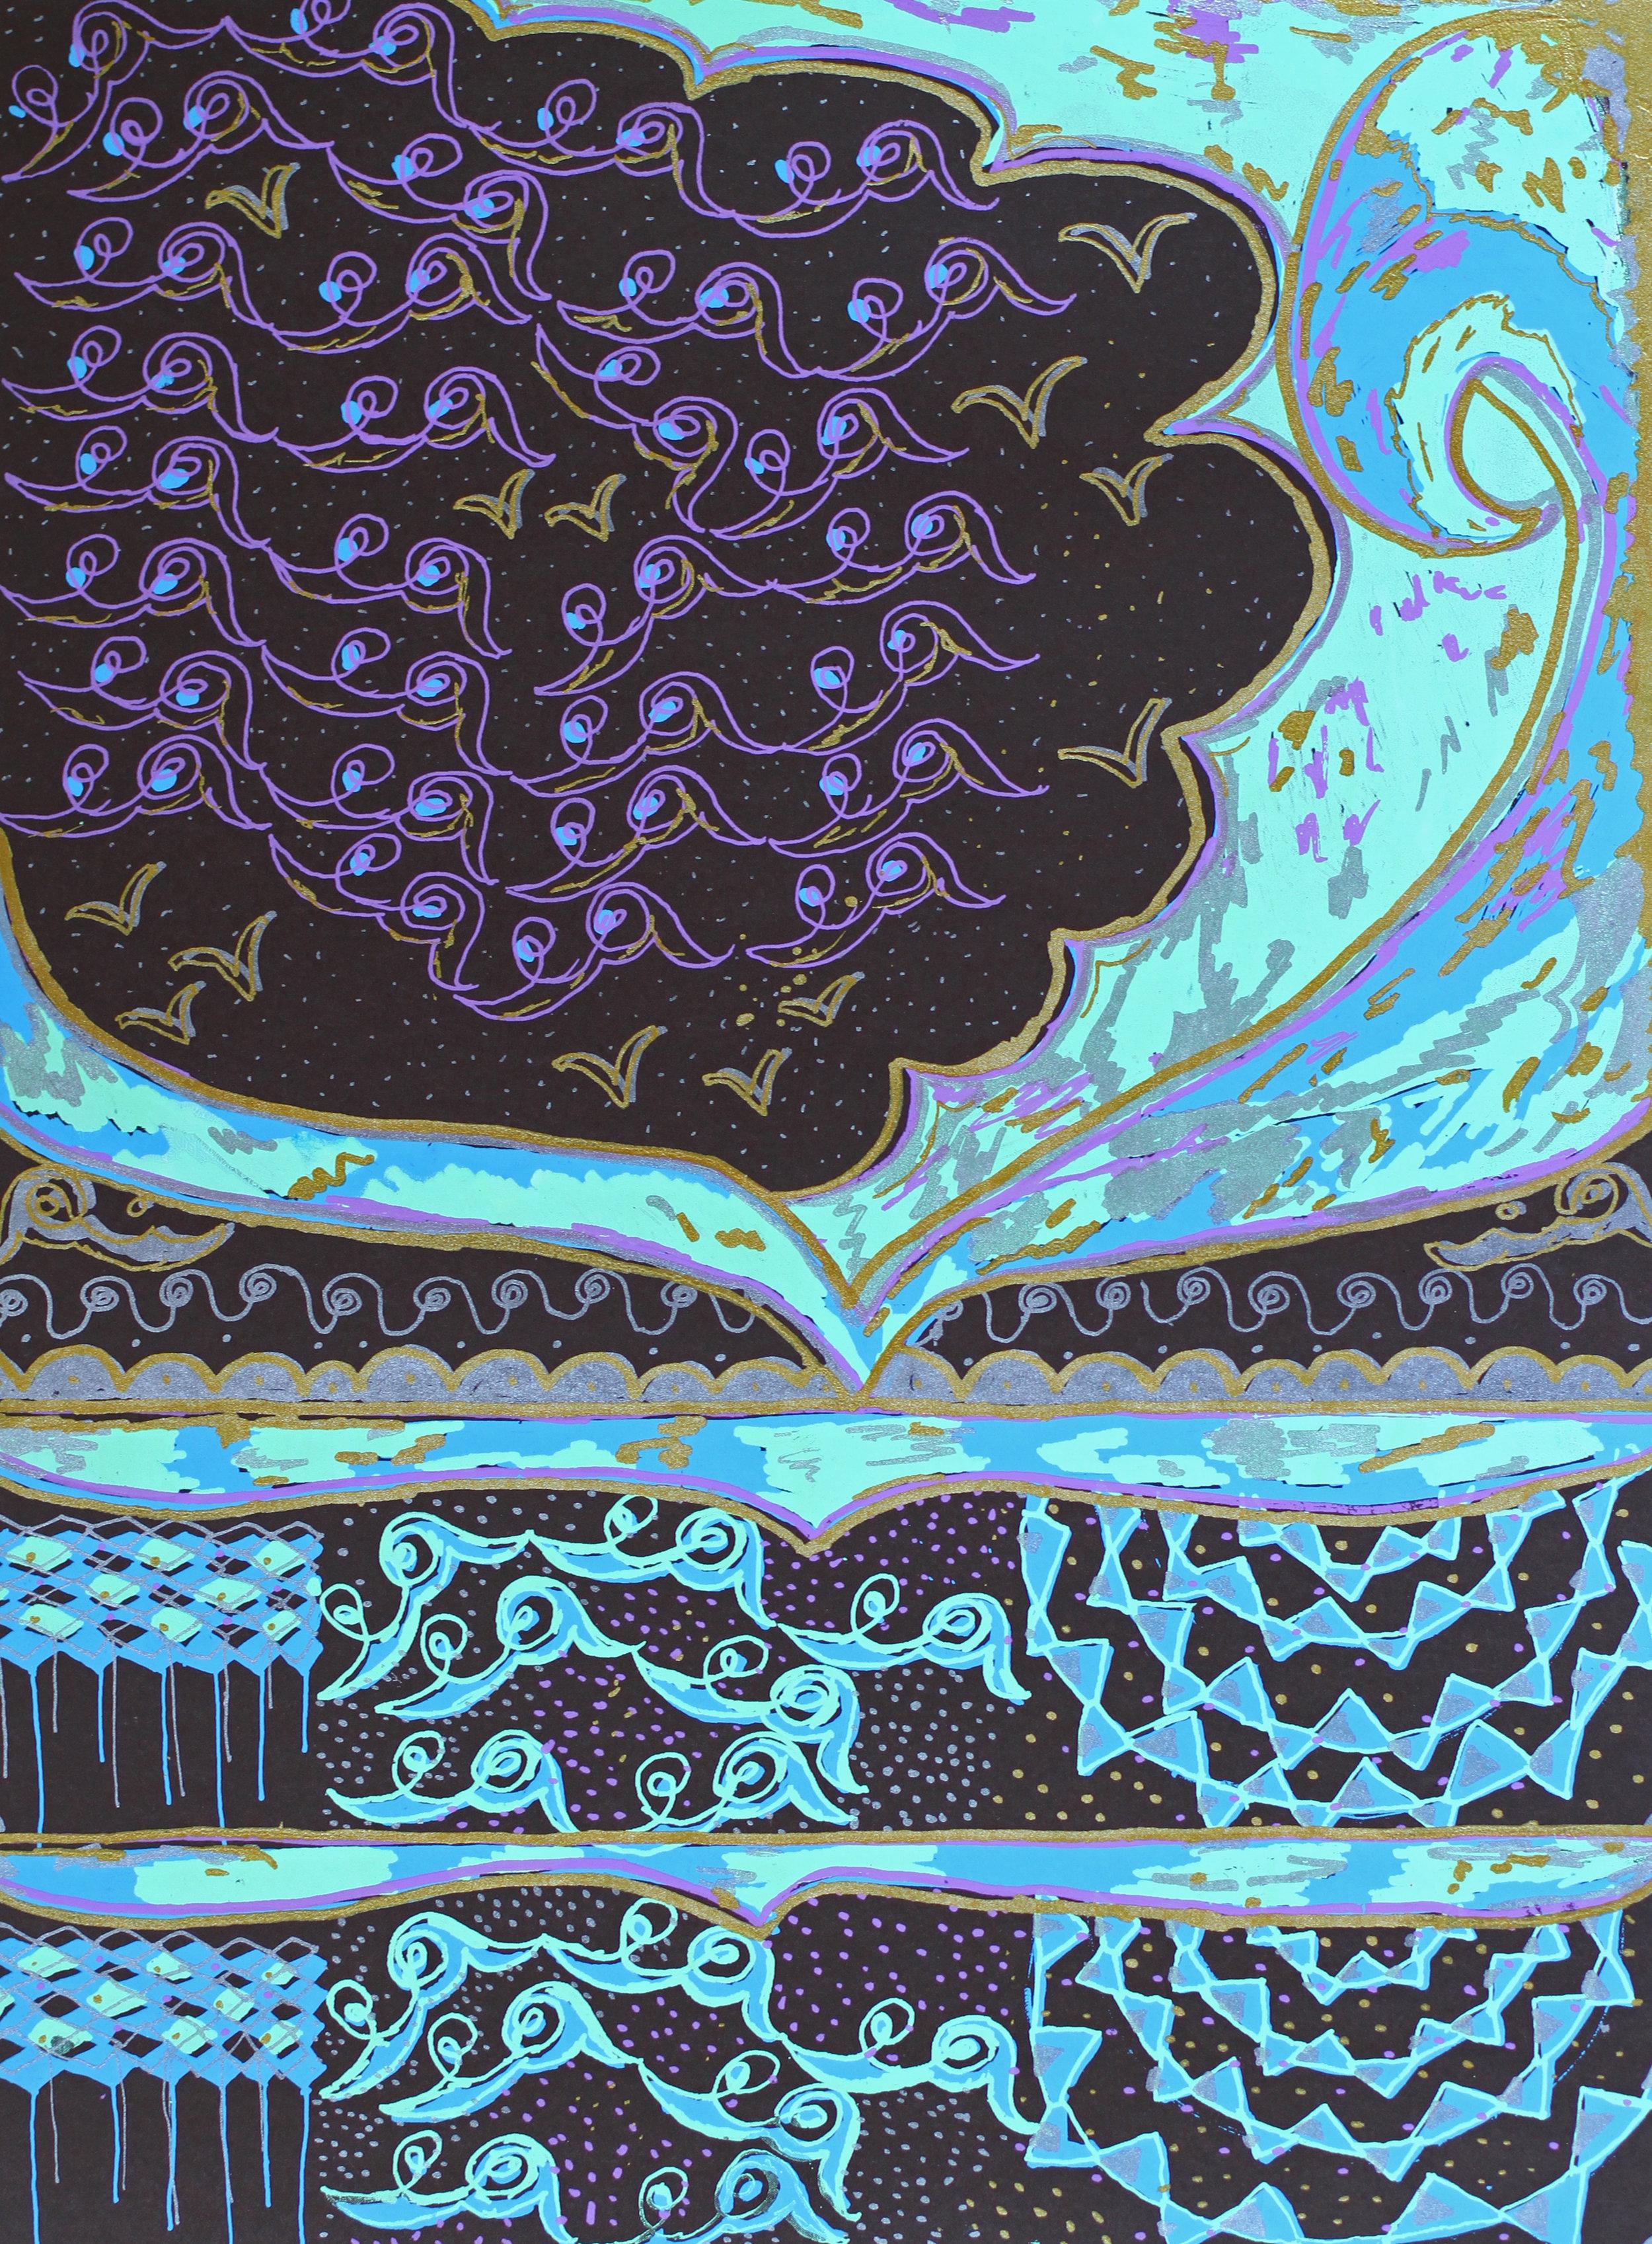 DayGloWaveScreenPrint.jpg